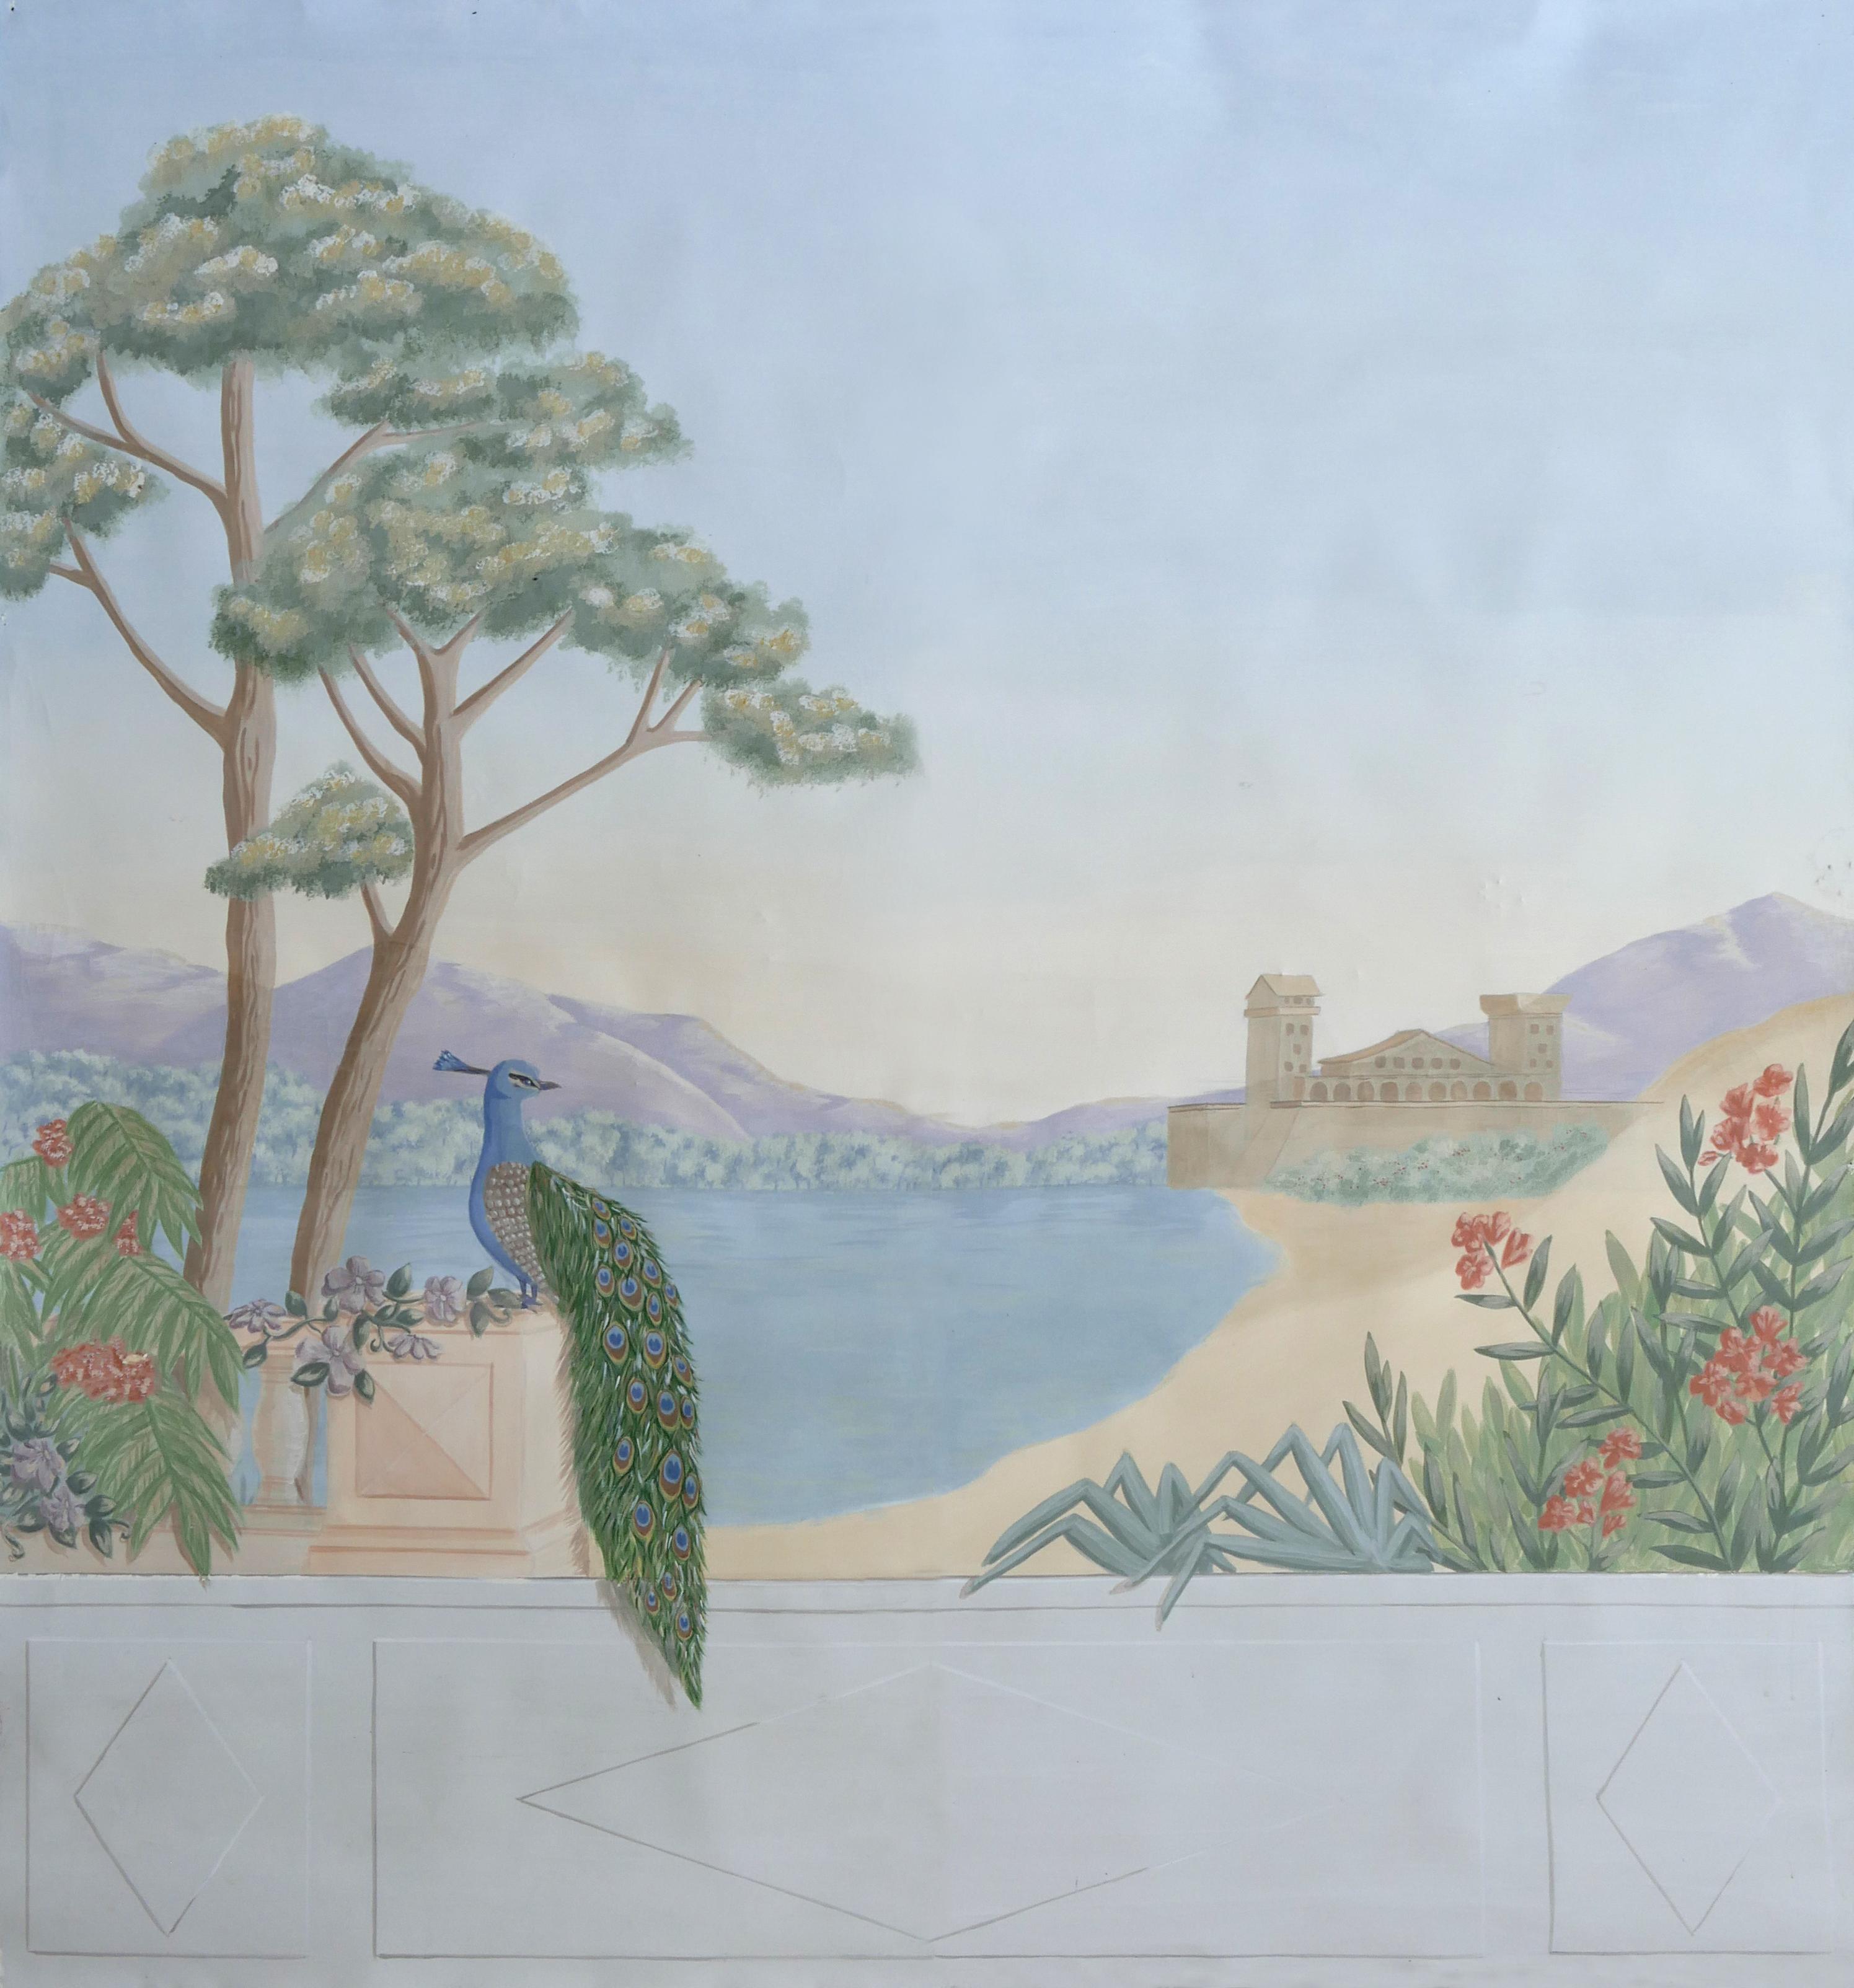 Décor paon et montagnes, inspiration Zuber. Assilem Décors, peintre décoratrice, peintre en décor à Bordeaux